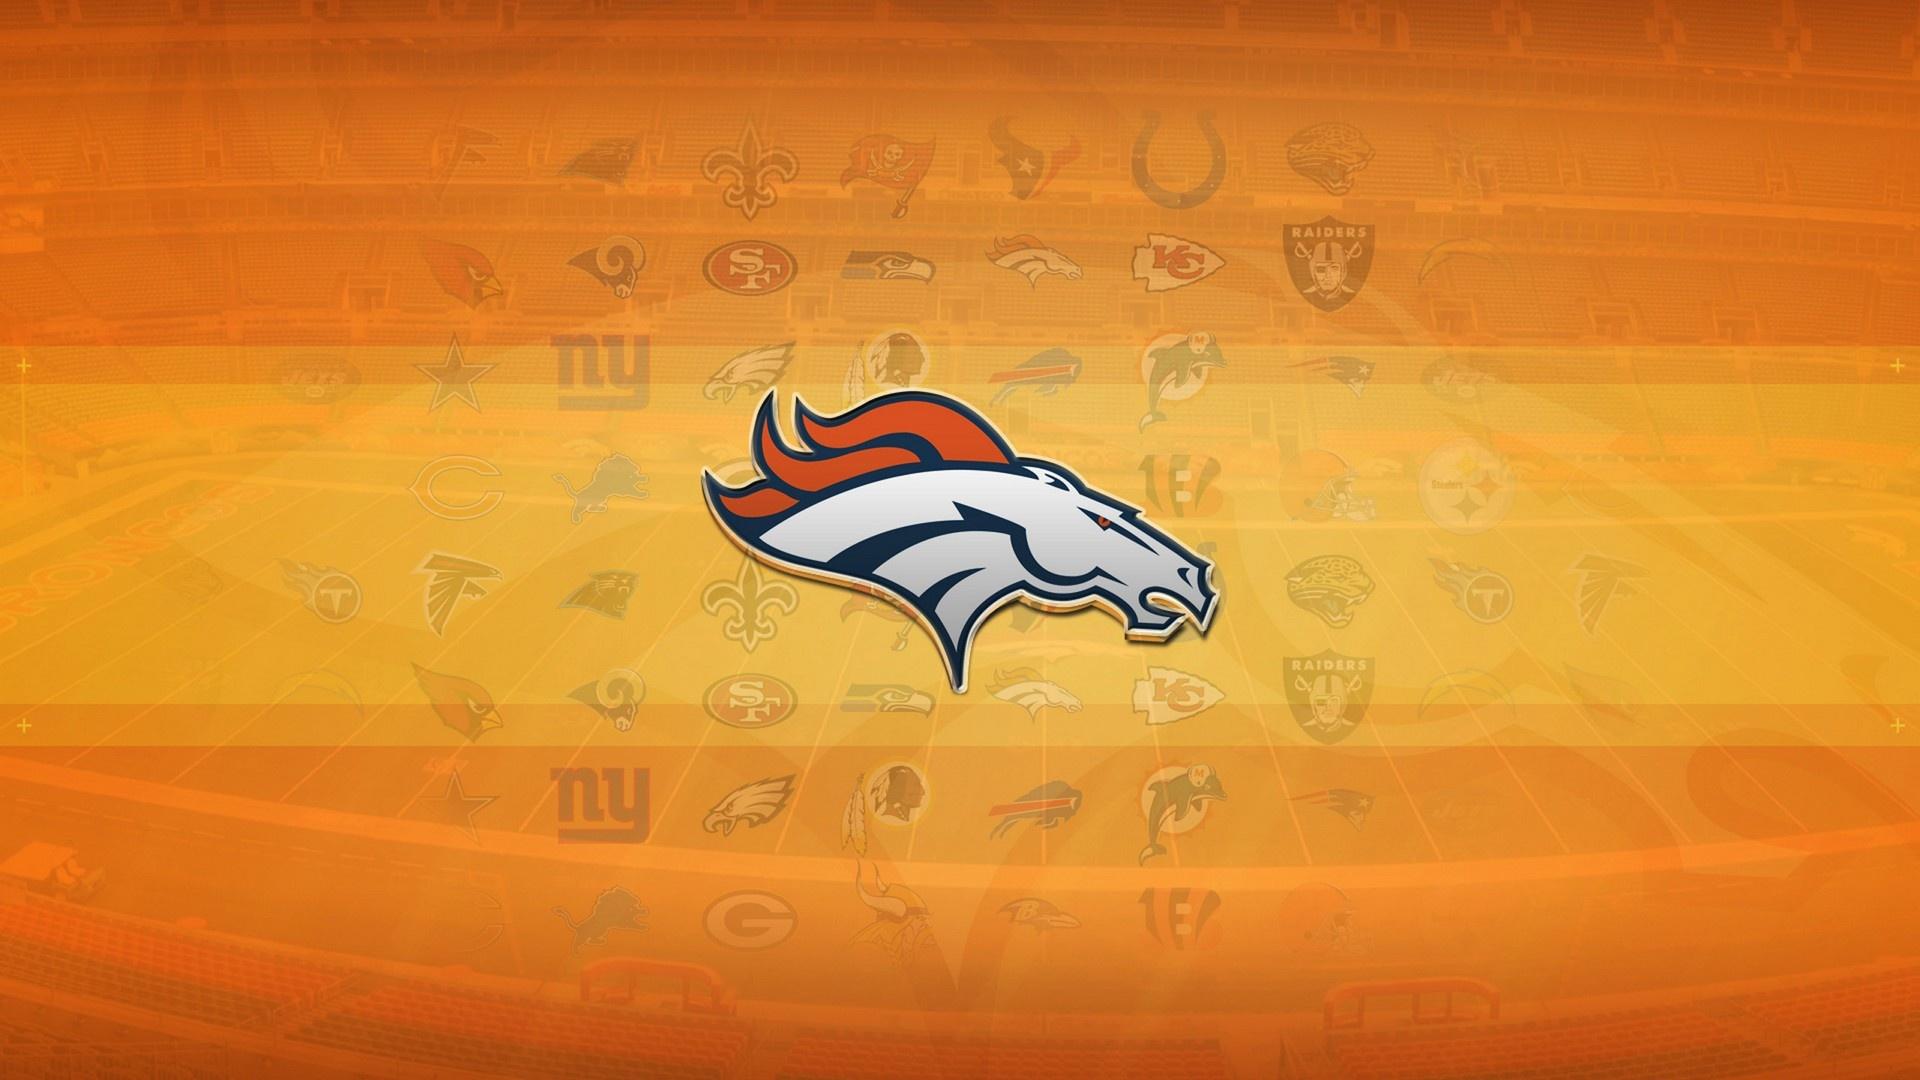 Denver Broncos cool background